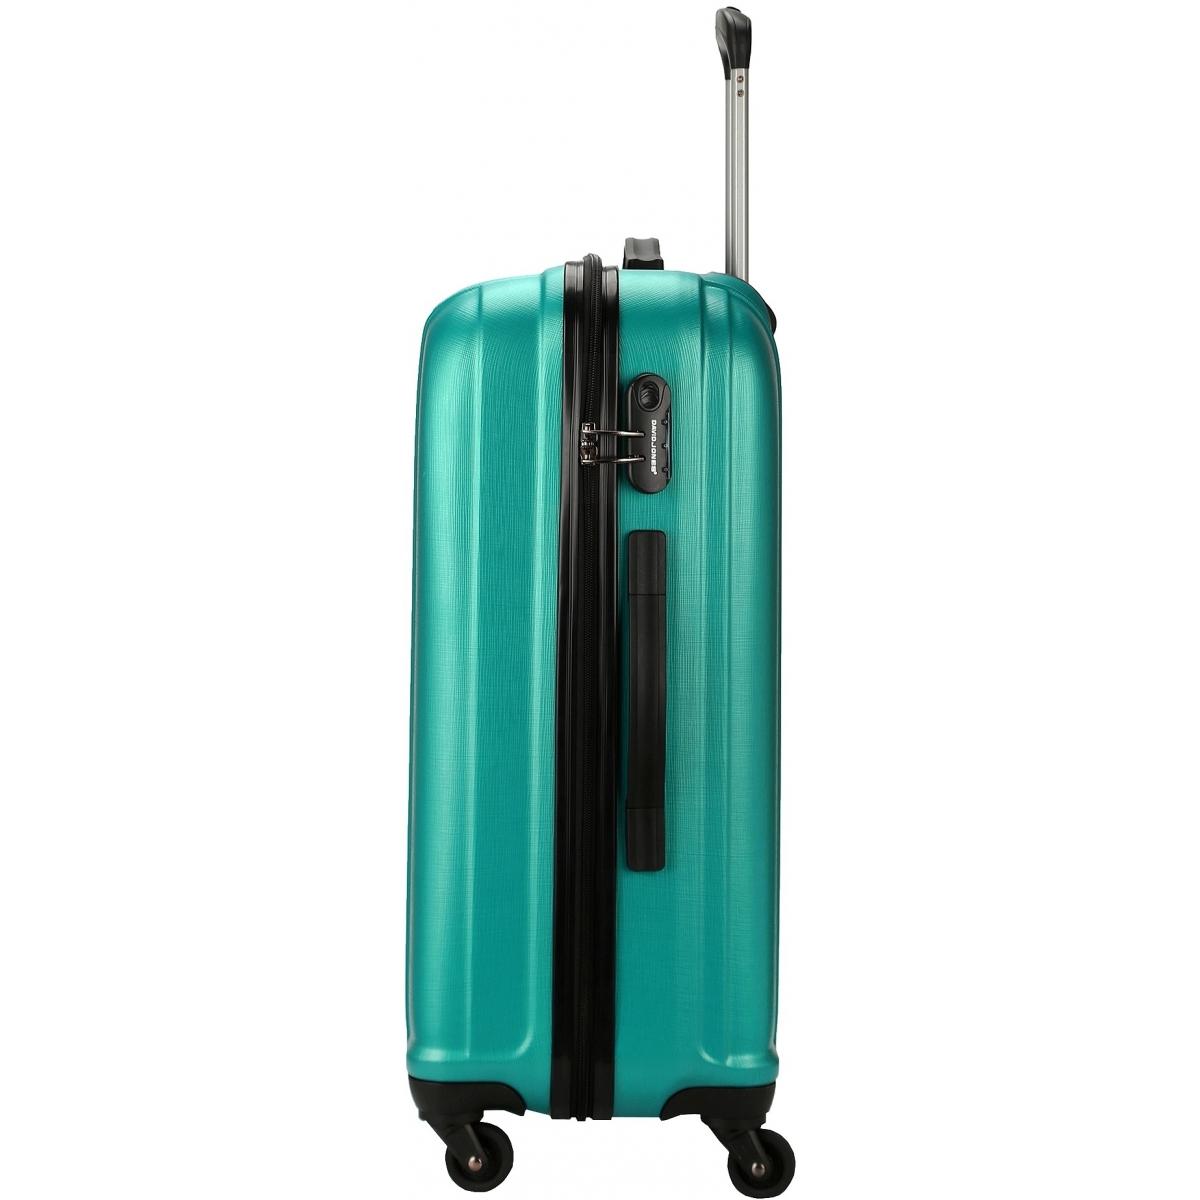 valise rigide david jones taille m 66cm ba10171m couleur principale turquoise valise pas. Black Bedroom Furniture Sets. Home Design Ideas